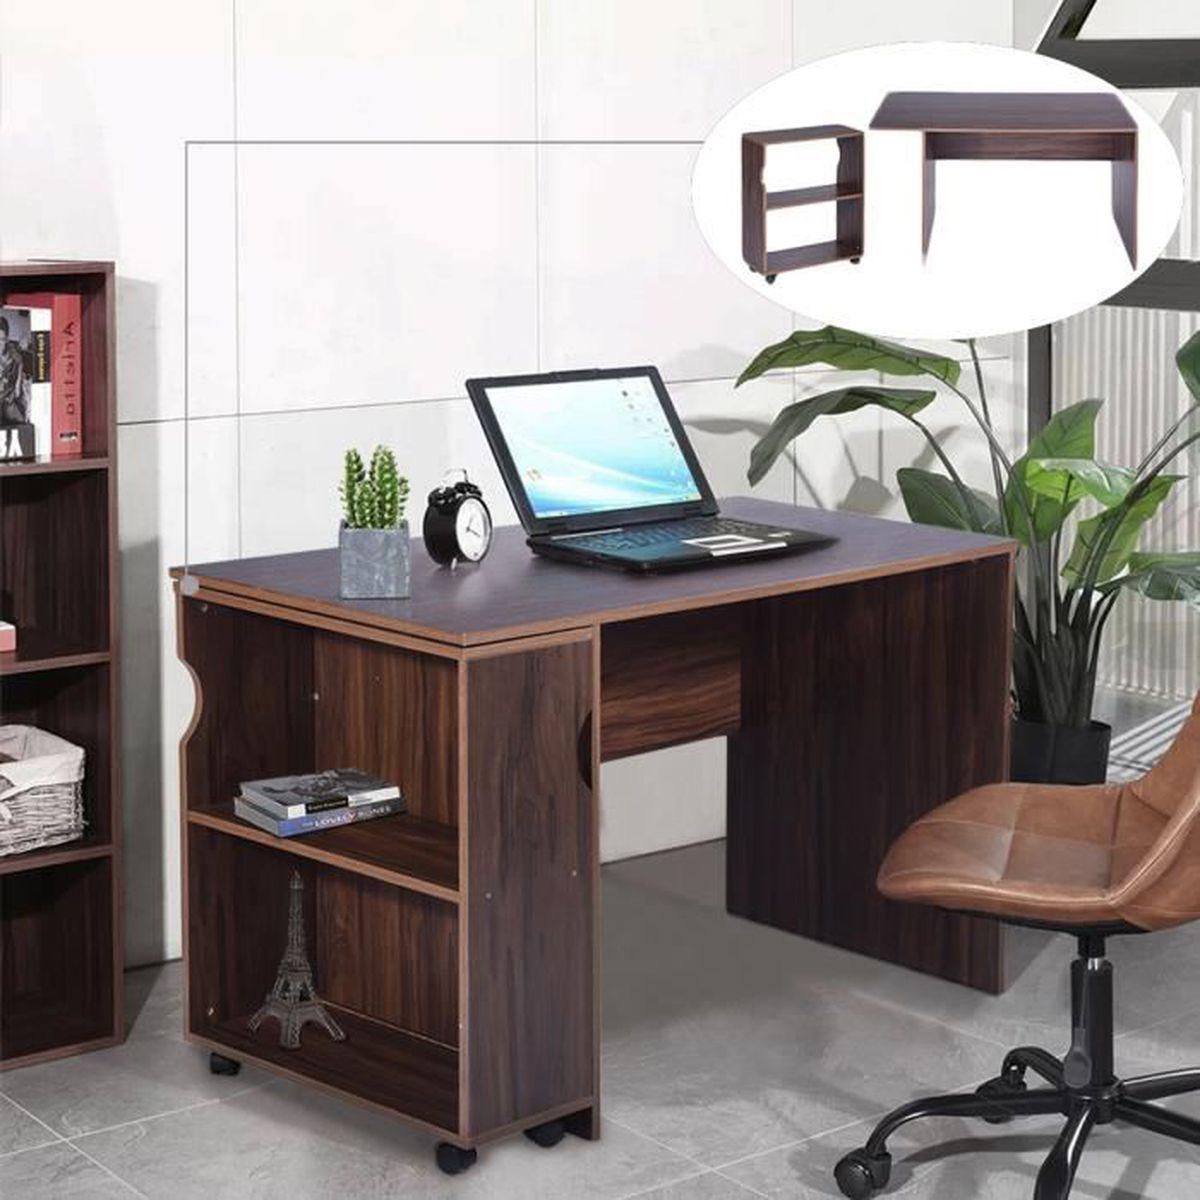 SECRÉTAIRE Bureau informatique meuble de bureau avec 1 rangem